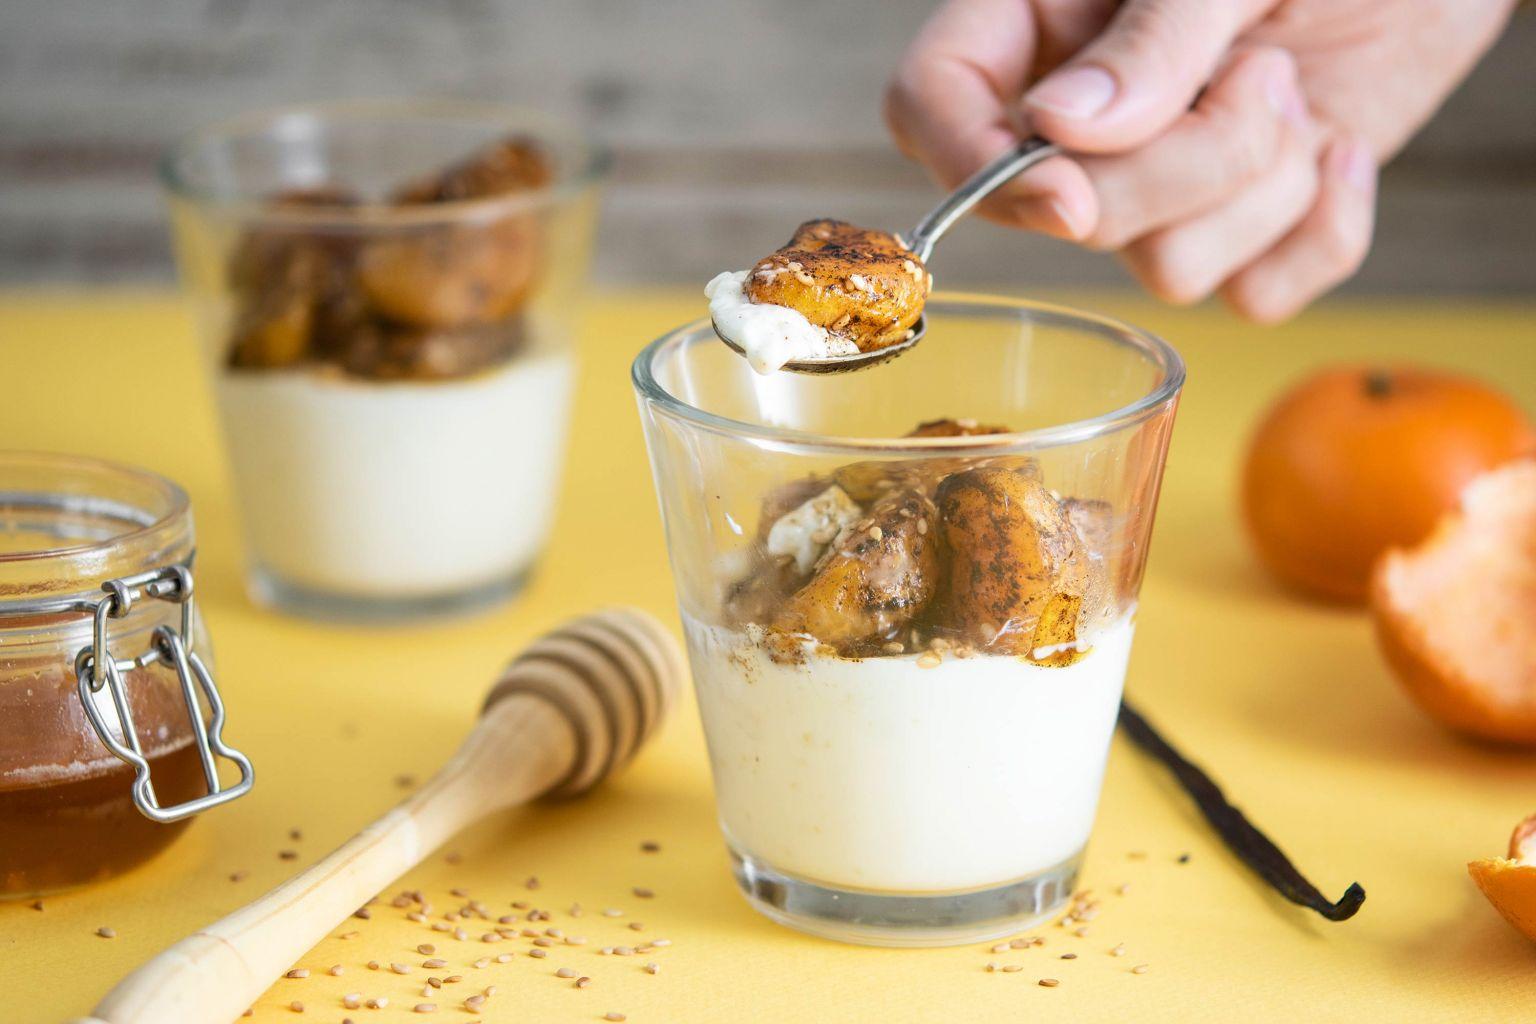 Panna cotta à la vanille, clémentine et sésame